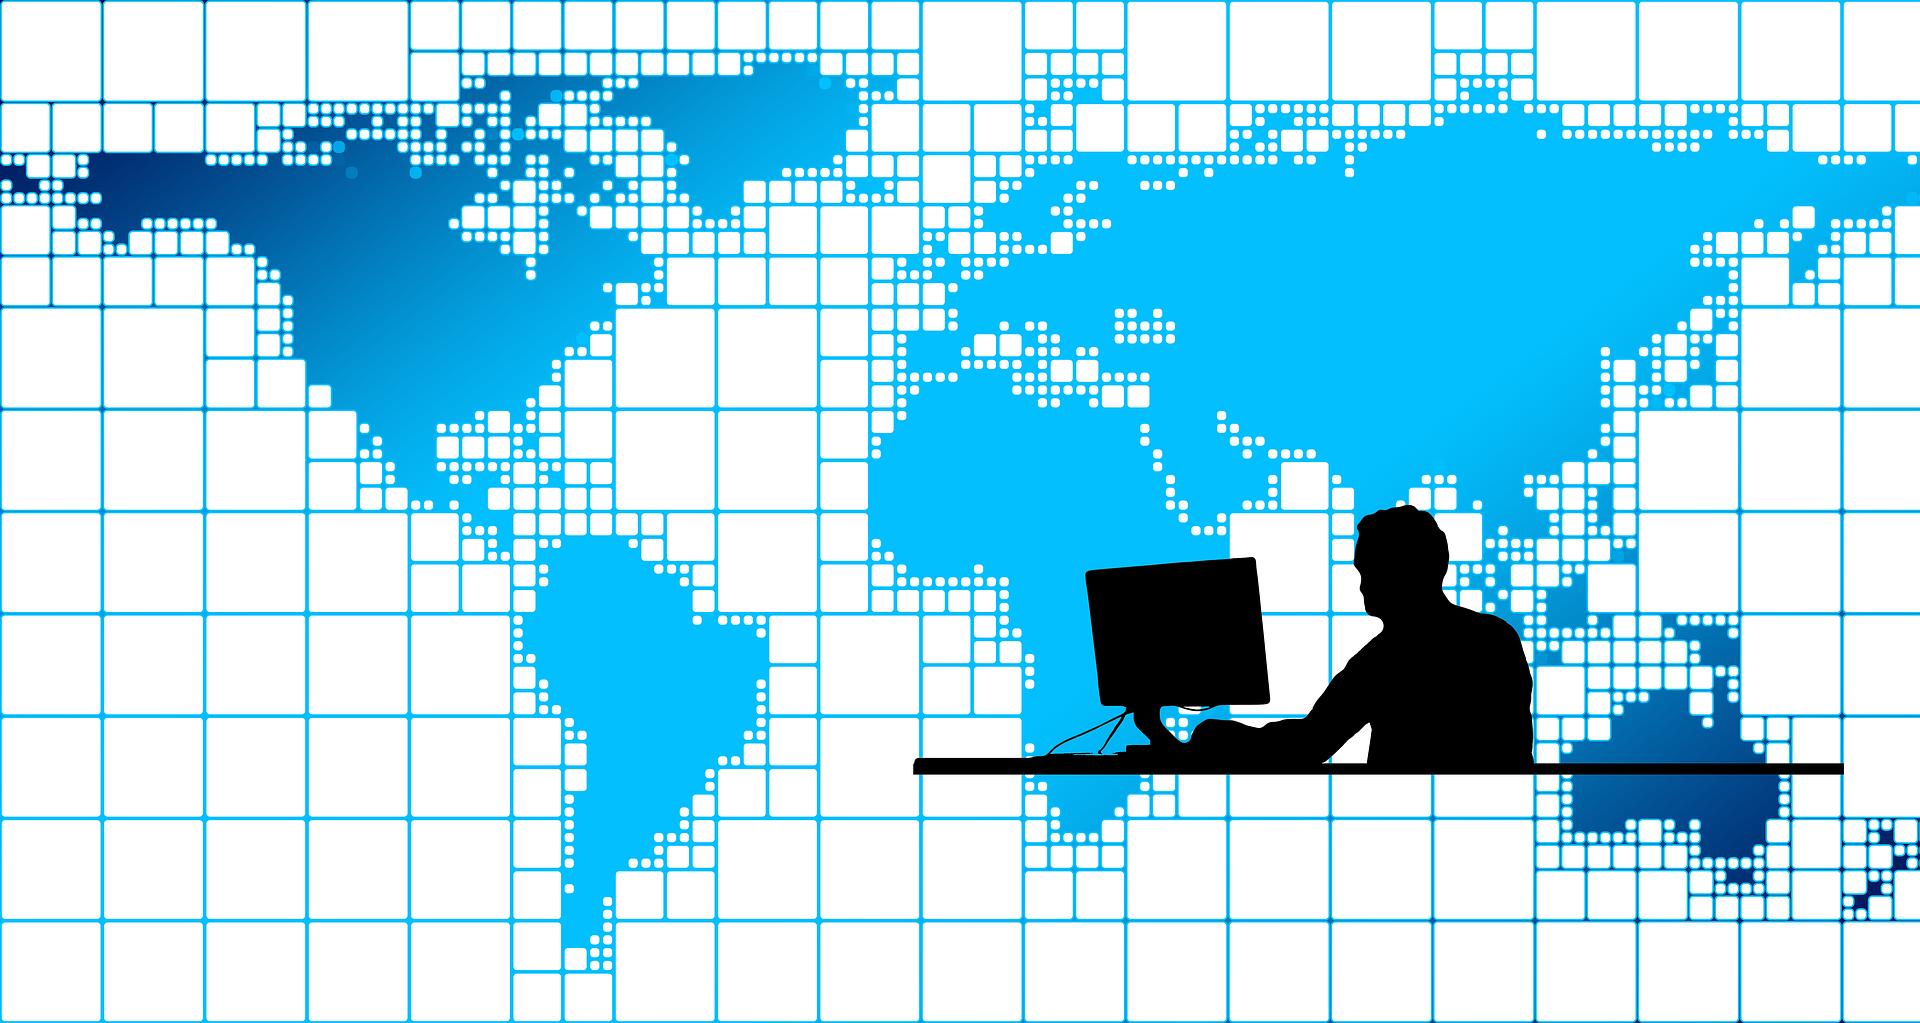 תוכנה + אינטרנט = שילוב מצויין